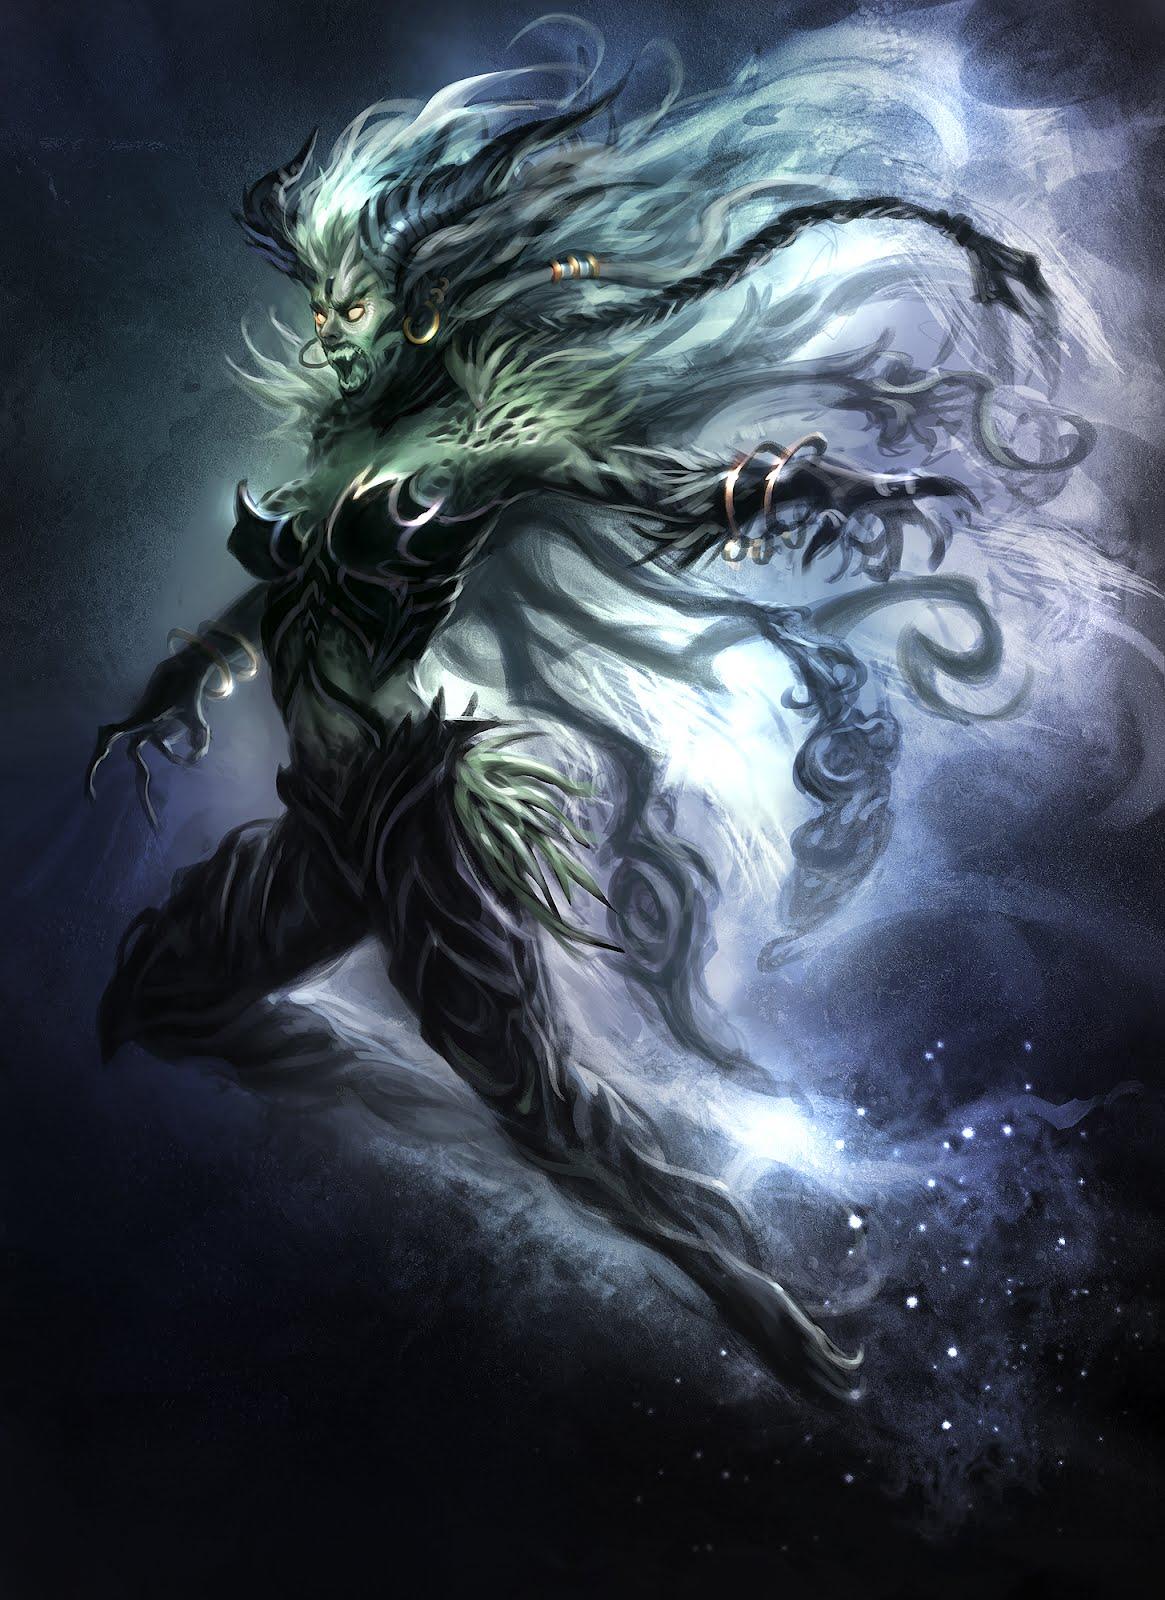 CIREISDEAD: Sorcery Concept Art- The Banshee